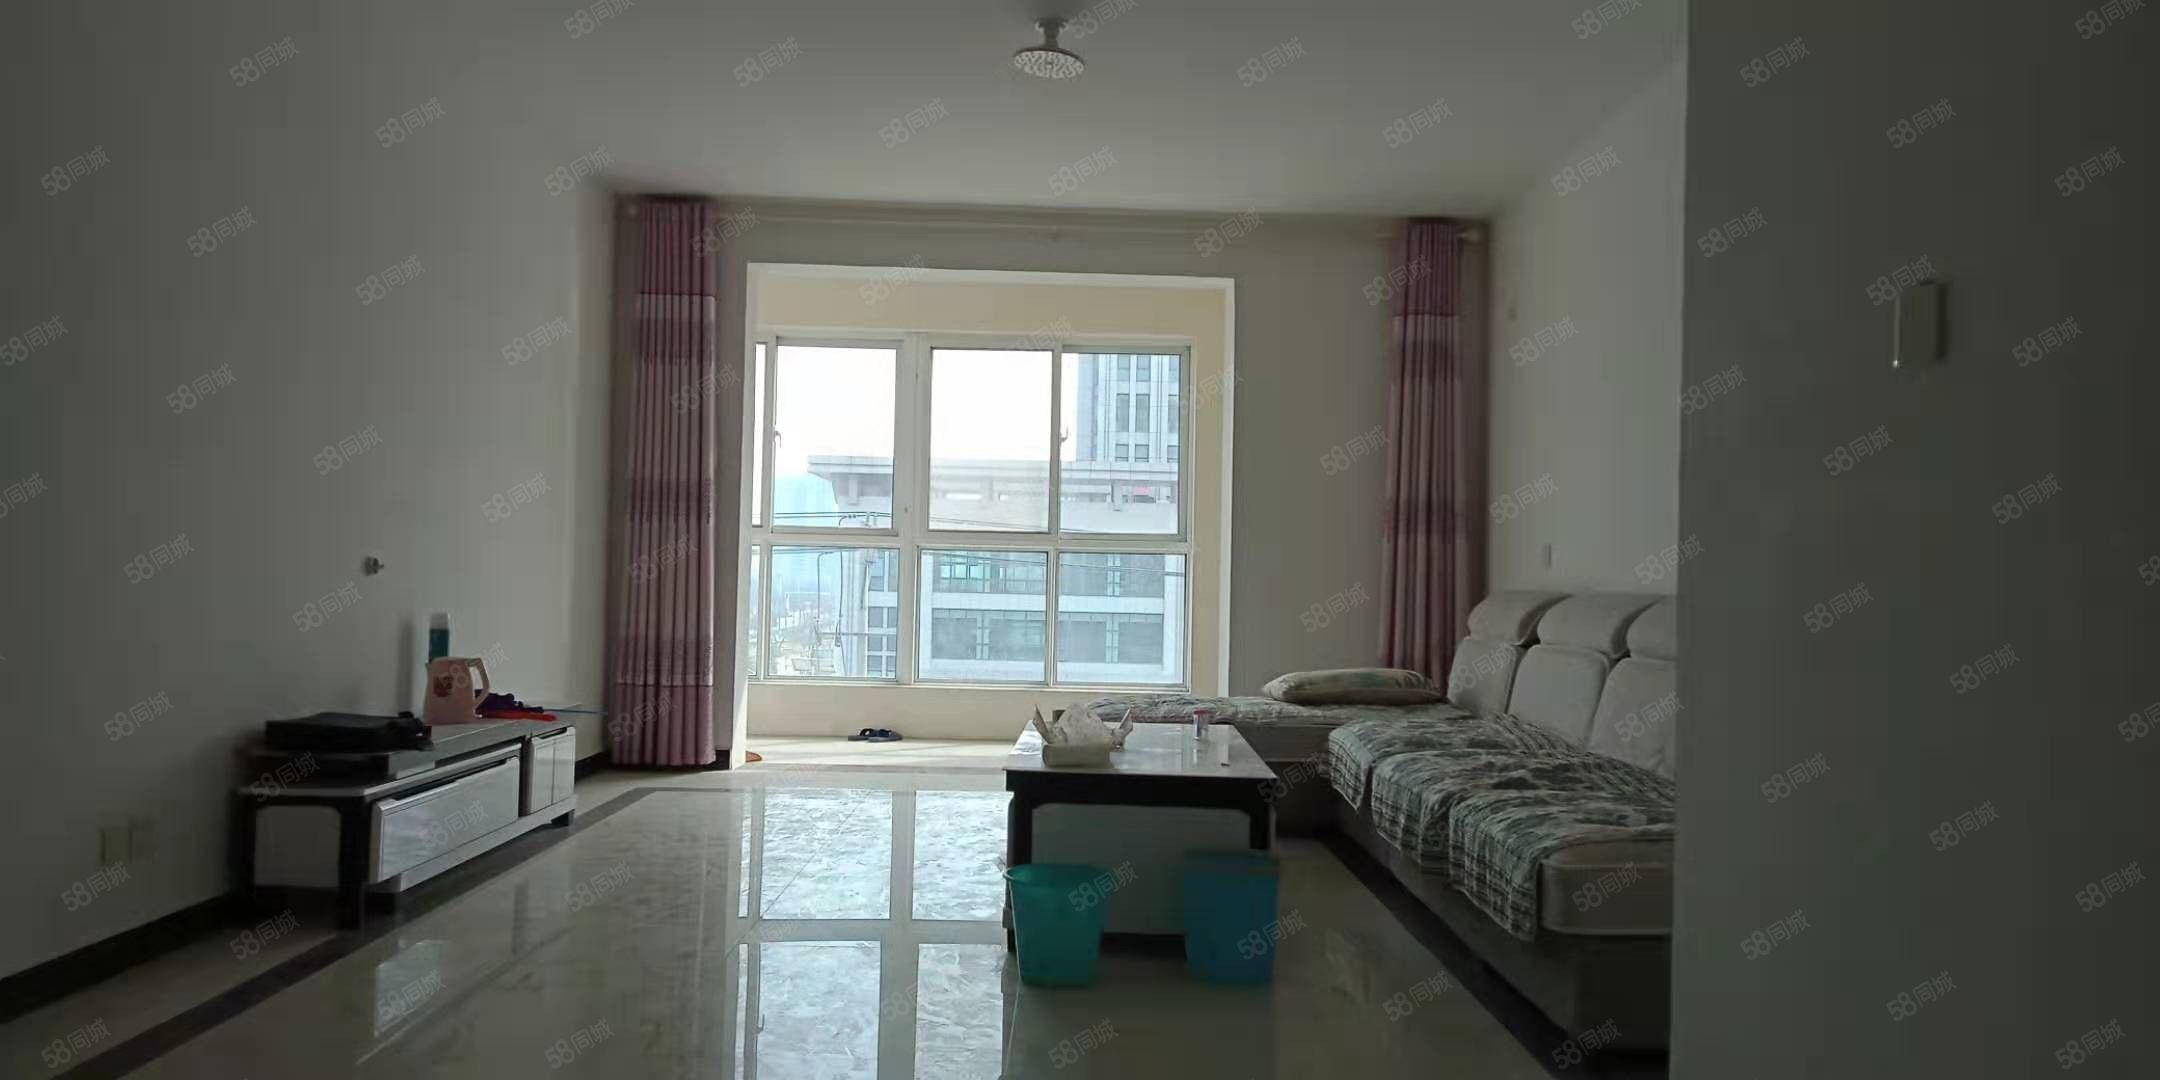 出售和谐佳苑电梯5楼145平,3室2厅精装,前无遮挡,可分期